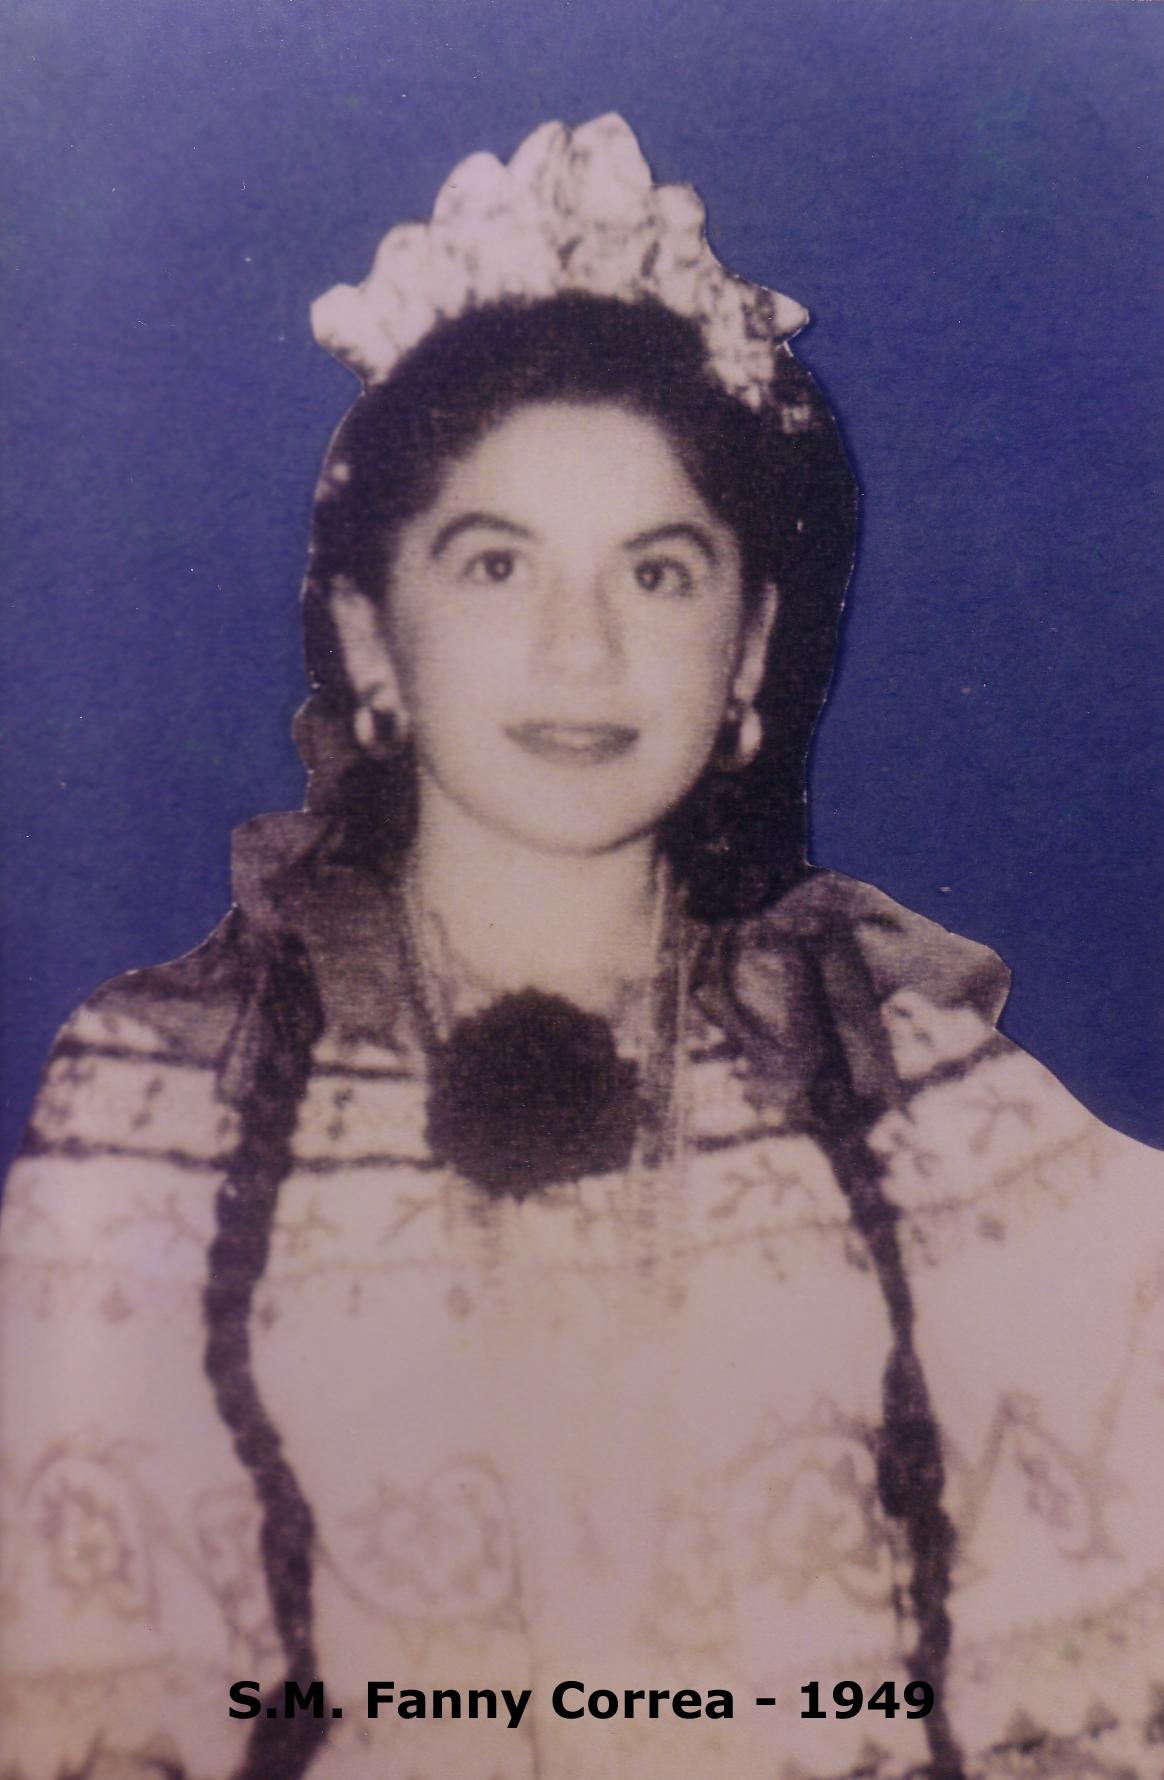 S.M. Fanny Correa (1949)